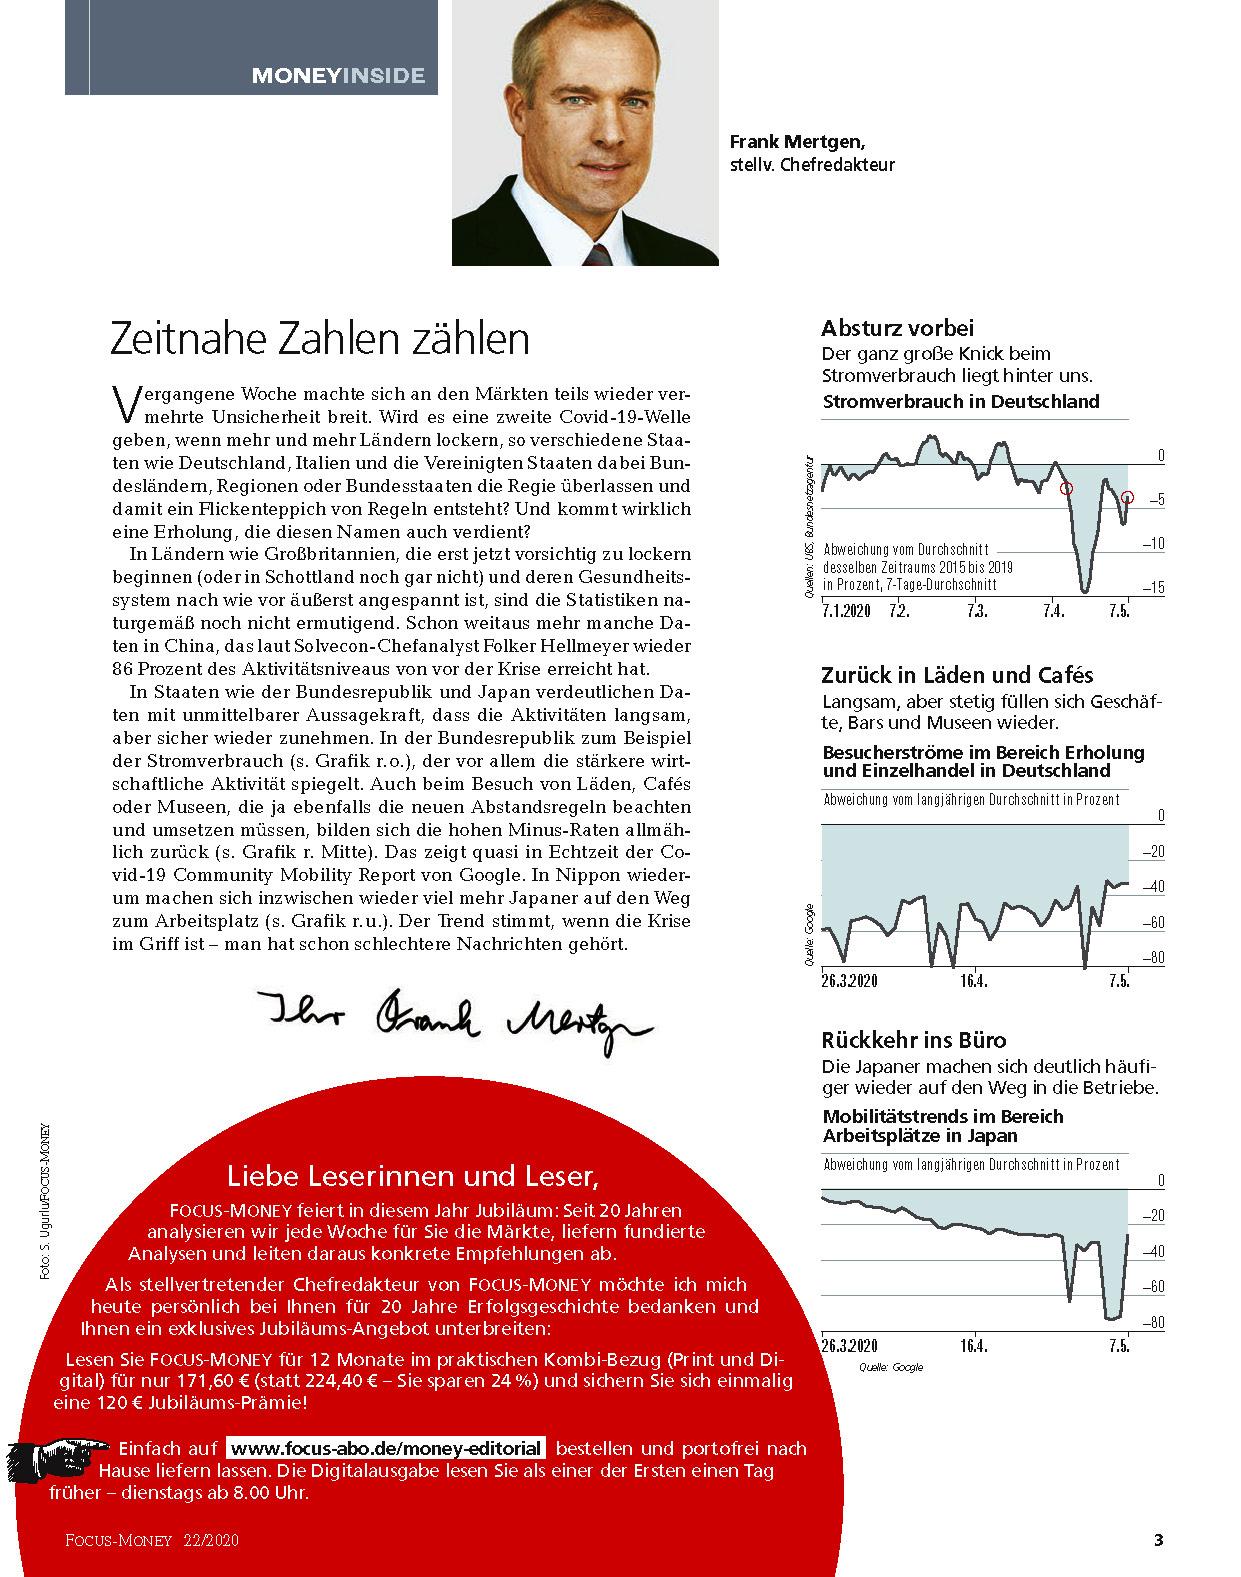 FOCUS-MONEY FOCUS MONEY – Wie lange noch...bis der Dax so hoch steht wie vor der Krise?